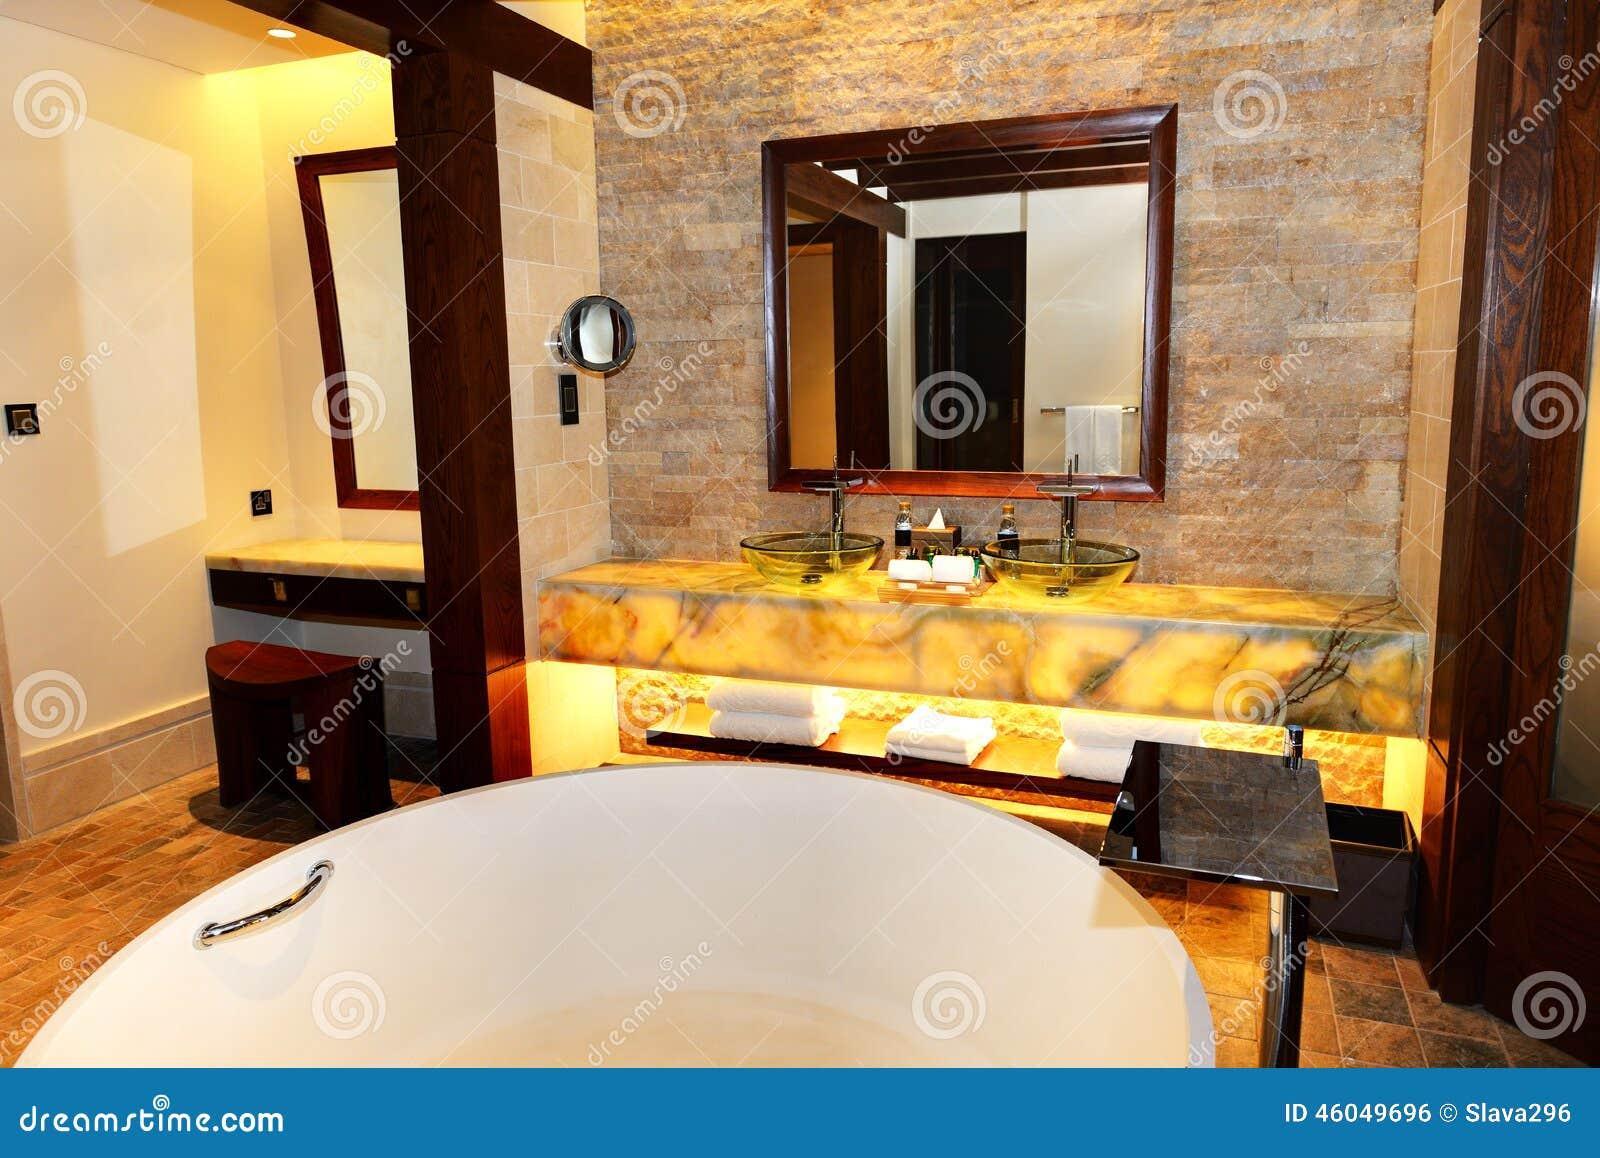 Salle de bains dans l'hôtel de luxe moderne photo stock   image ...